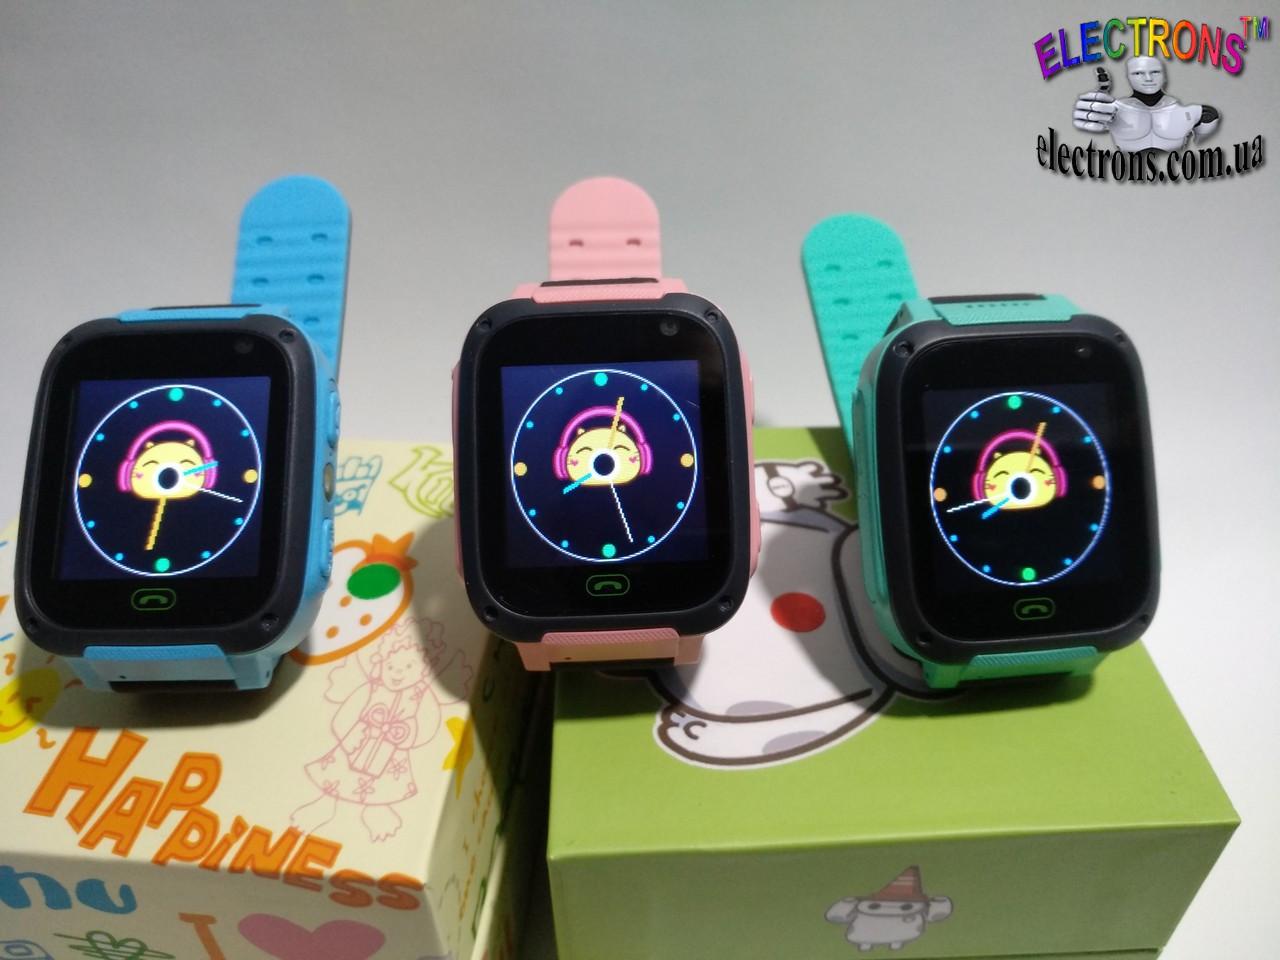 Смарт умные часы сенсорные детские наручные v6, телефон с прослушкой для детей, часофон на руку с камерой